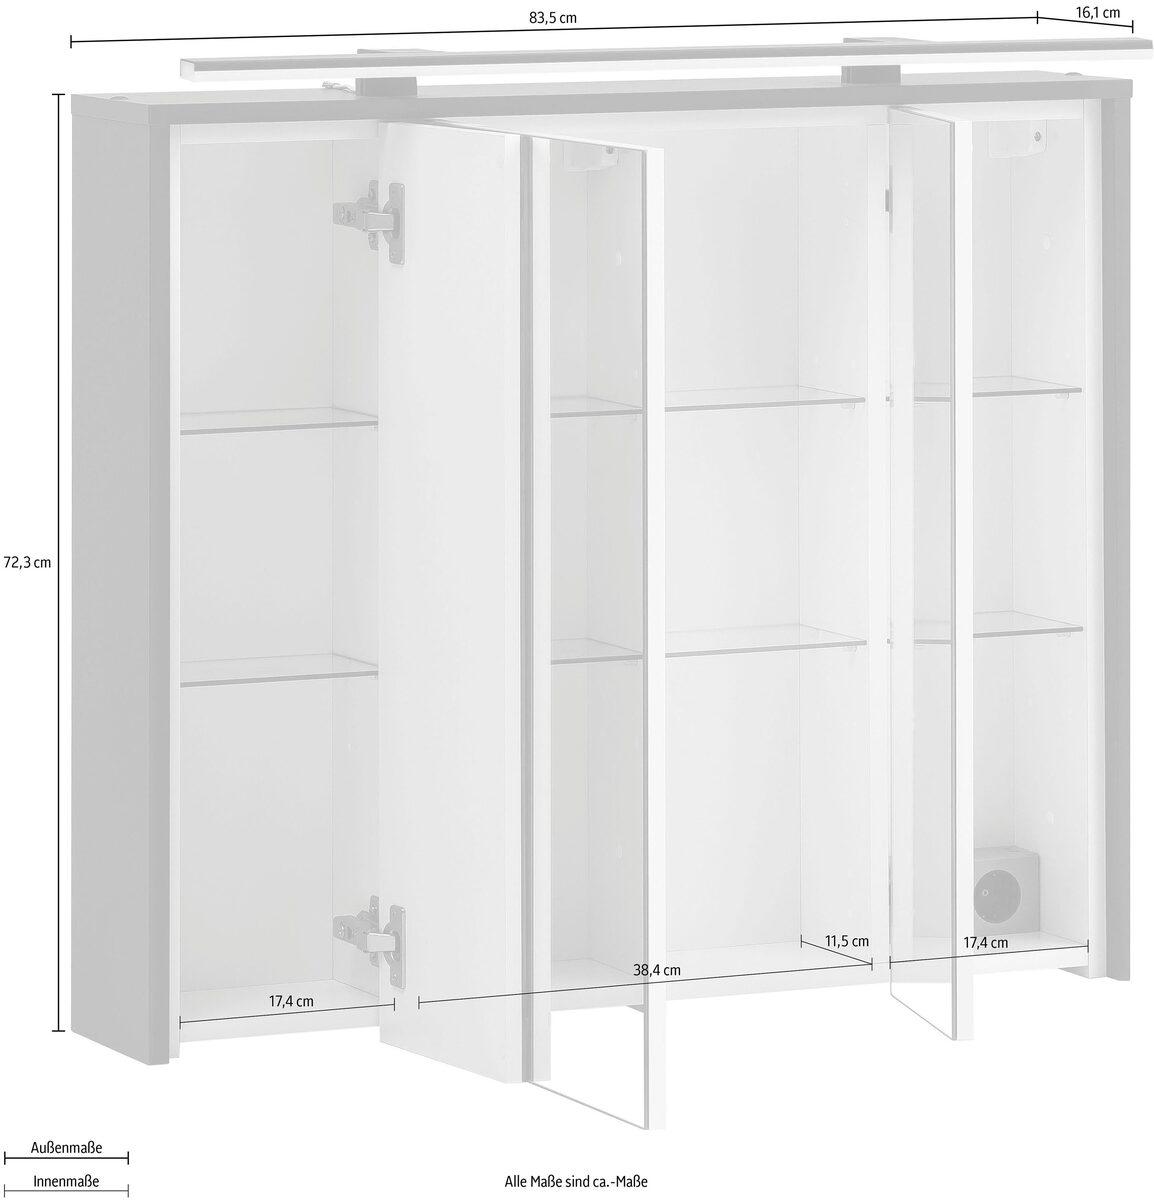 Bild 4 von Schildmeyer Spiegelschrank Breite 83,5 cm, 3-türig, LED-Beleuchtung, Steckdosenbox, Soft-Close-Funktion, Glaseinlegeböden, montiert, Made in Germany